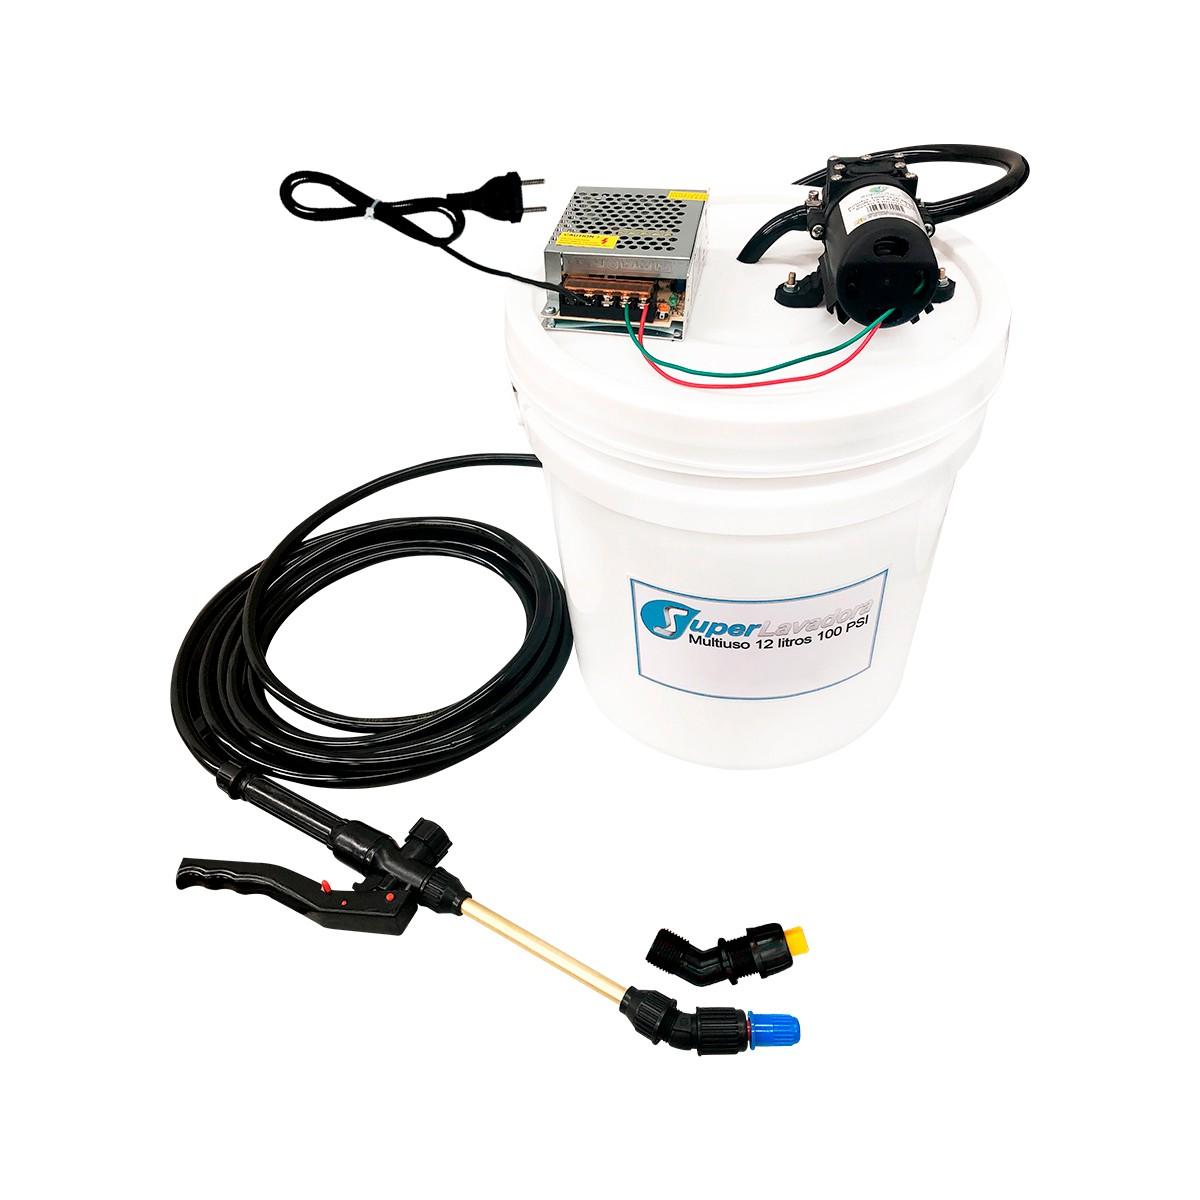 Lavadora Elétrica 12L 100PSI Carrinho + Bolsa Coletora até 12000 + Balde de Plástico com Tampa 12 Litros